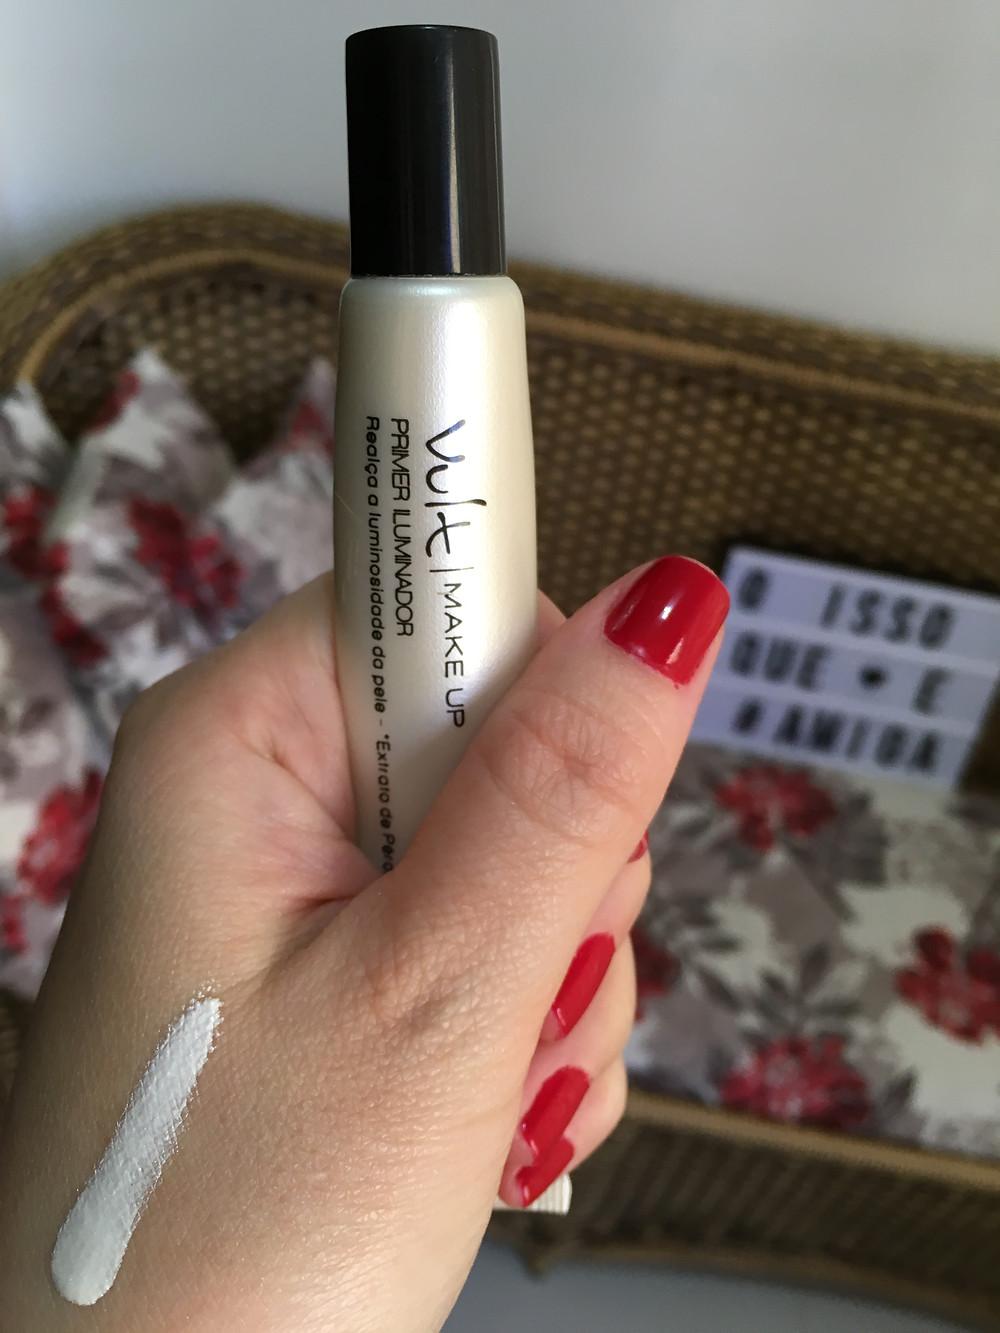 Primer_iluminador_perola_vult-blog_maquiagem-isso-que-e-amiga